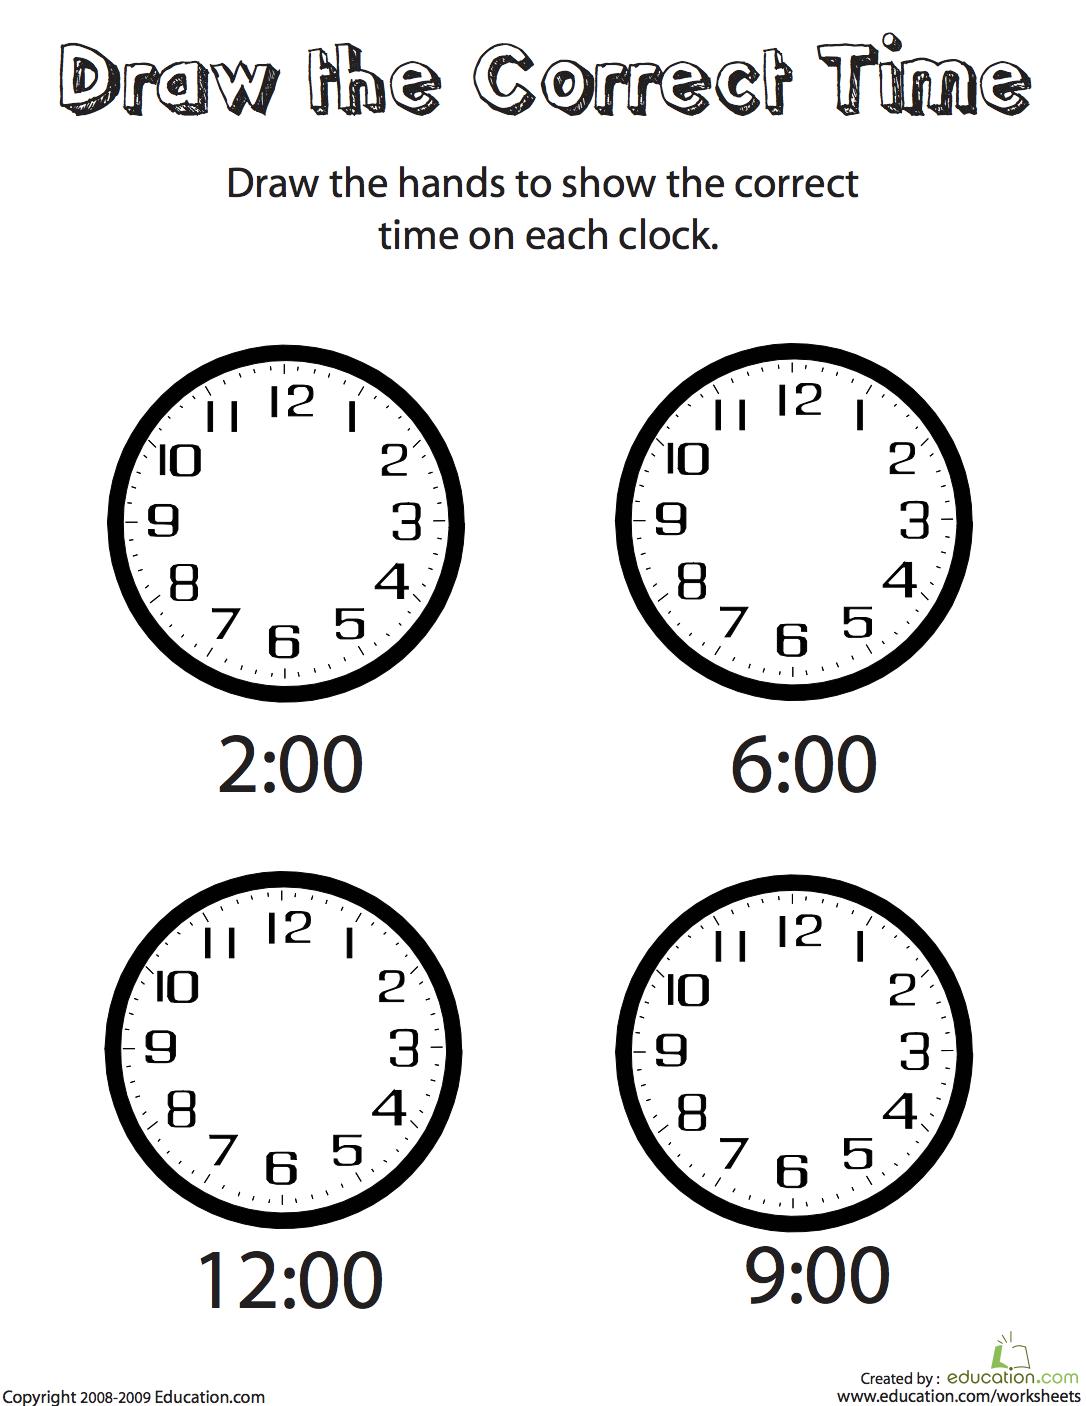 Draw The Correct Time Ii Worksheet Education Com Belajar Dapat Dicetak Pencetakan [ 1406 x 1086 Pixel ]